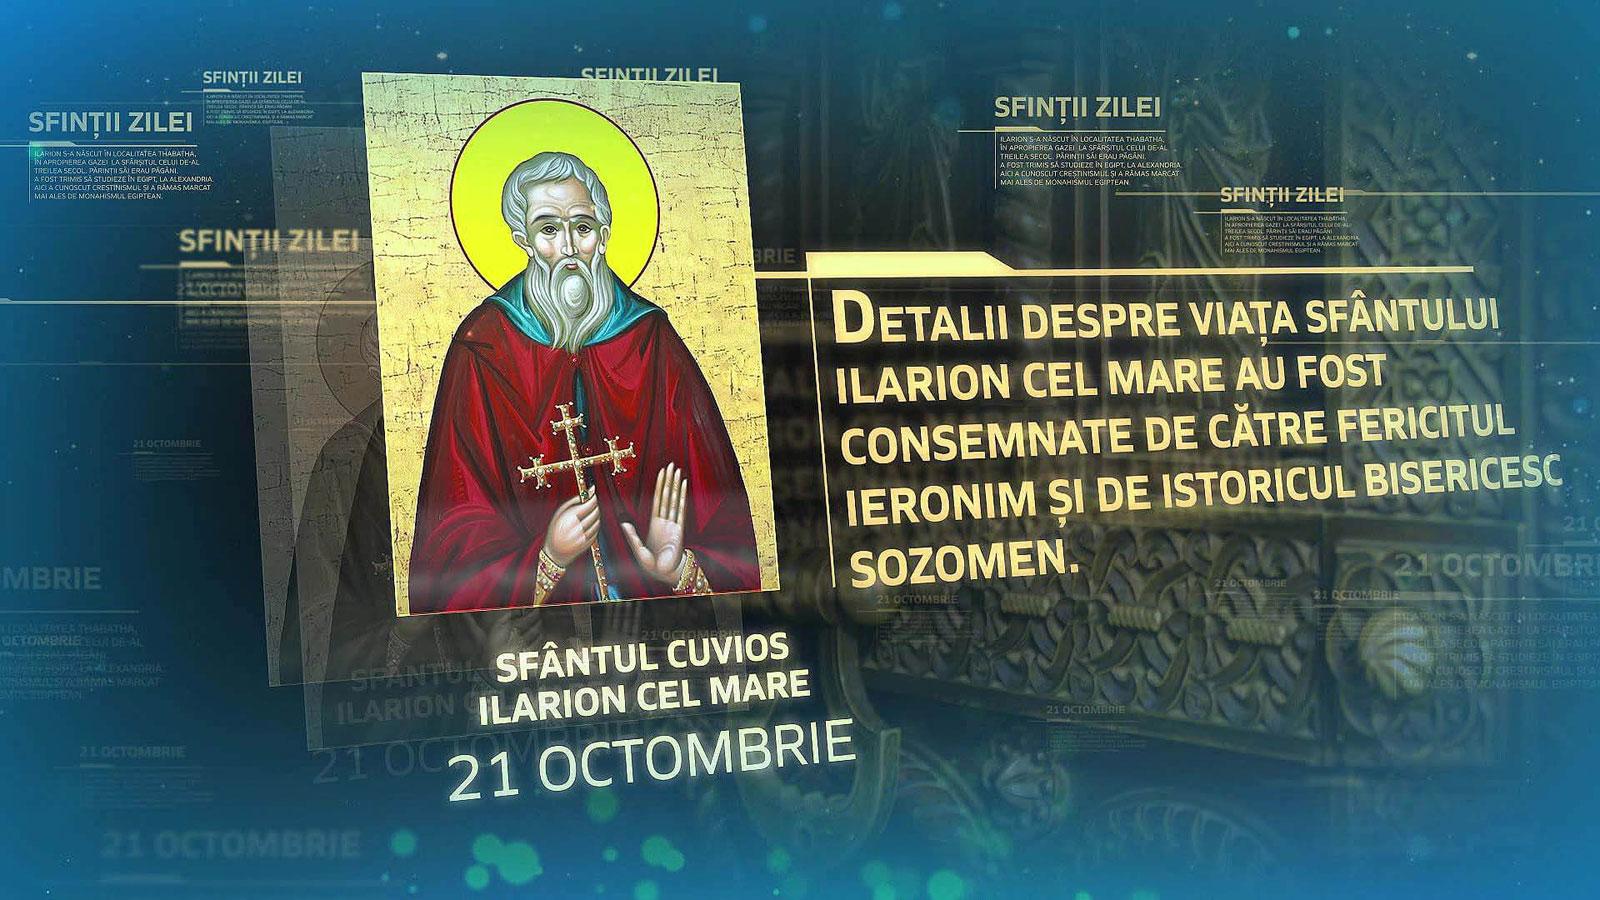 Sfantul-Cuvios-Ilarion-cel-Mare-21-octombrie-sinaxar